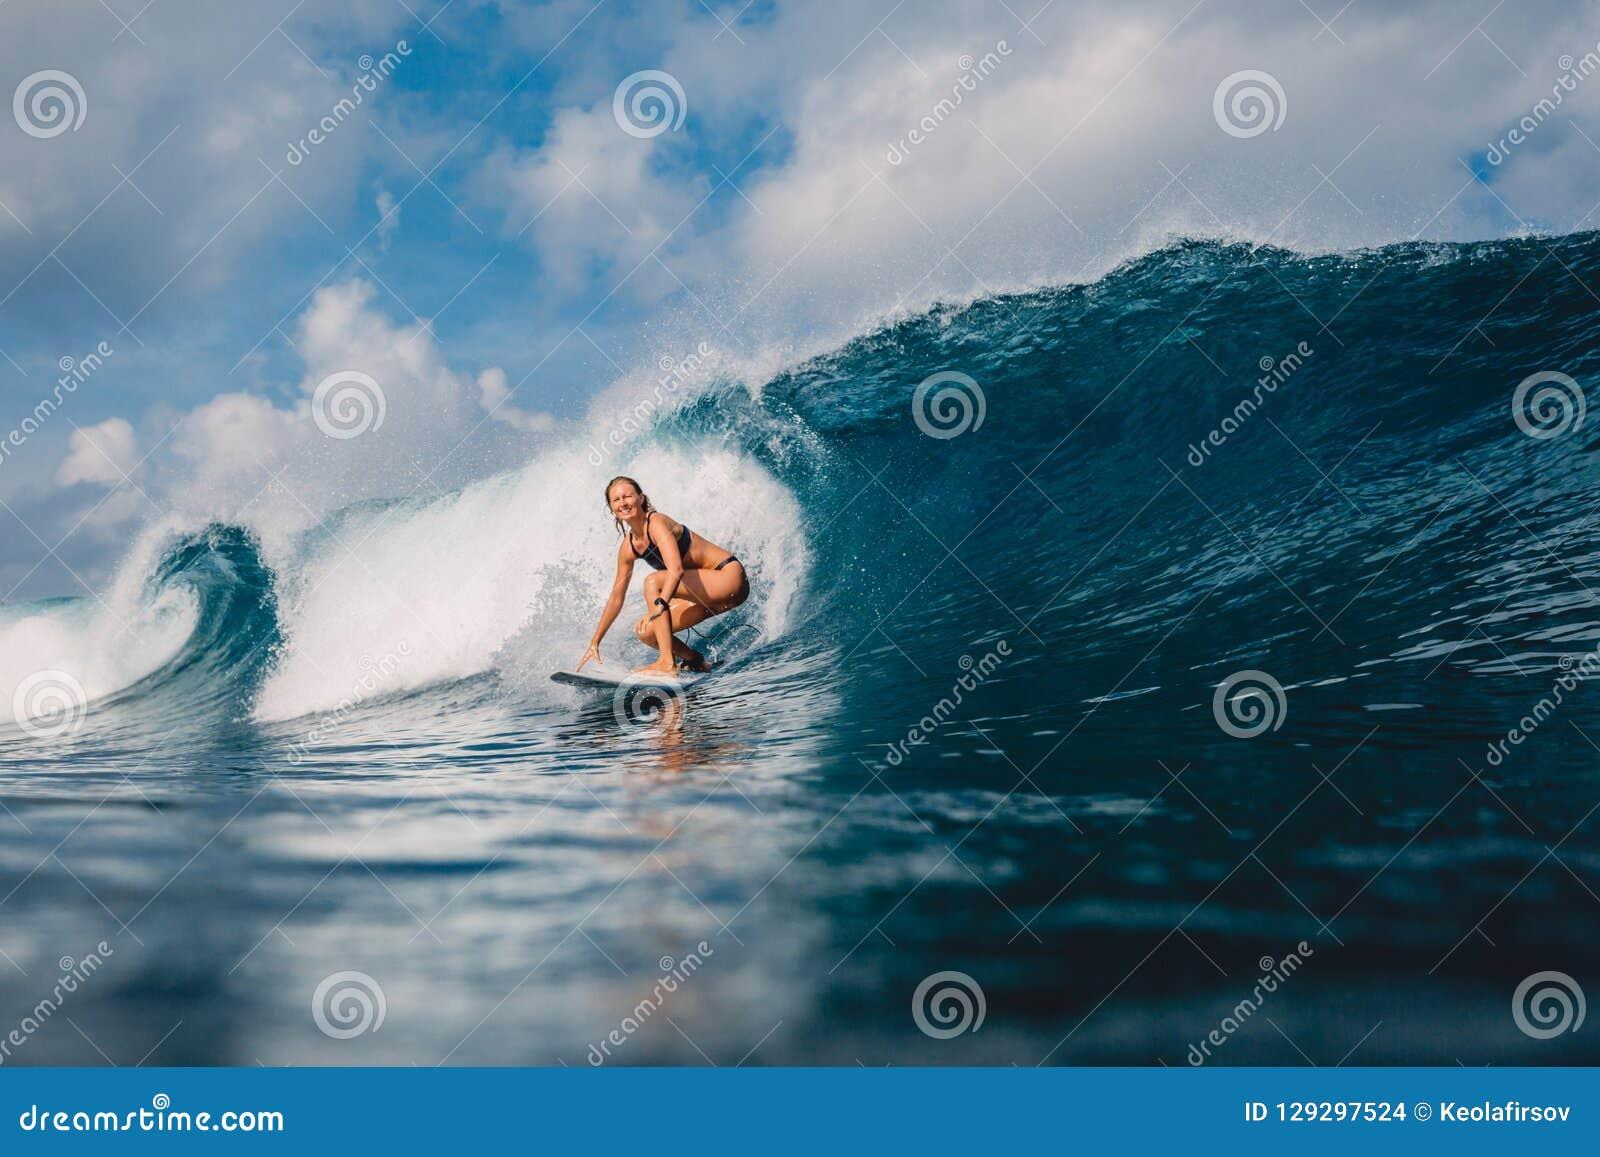 Kipieli dziewczyna przy surfboard na baryłki fala Kobieta w oceanie podczas surfingu